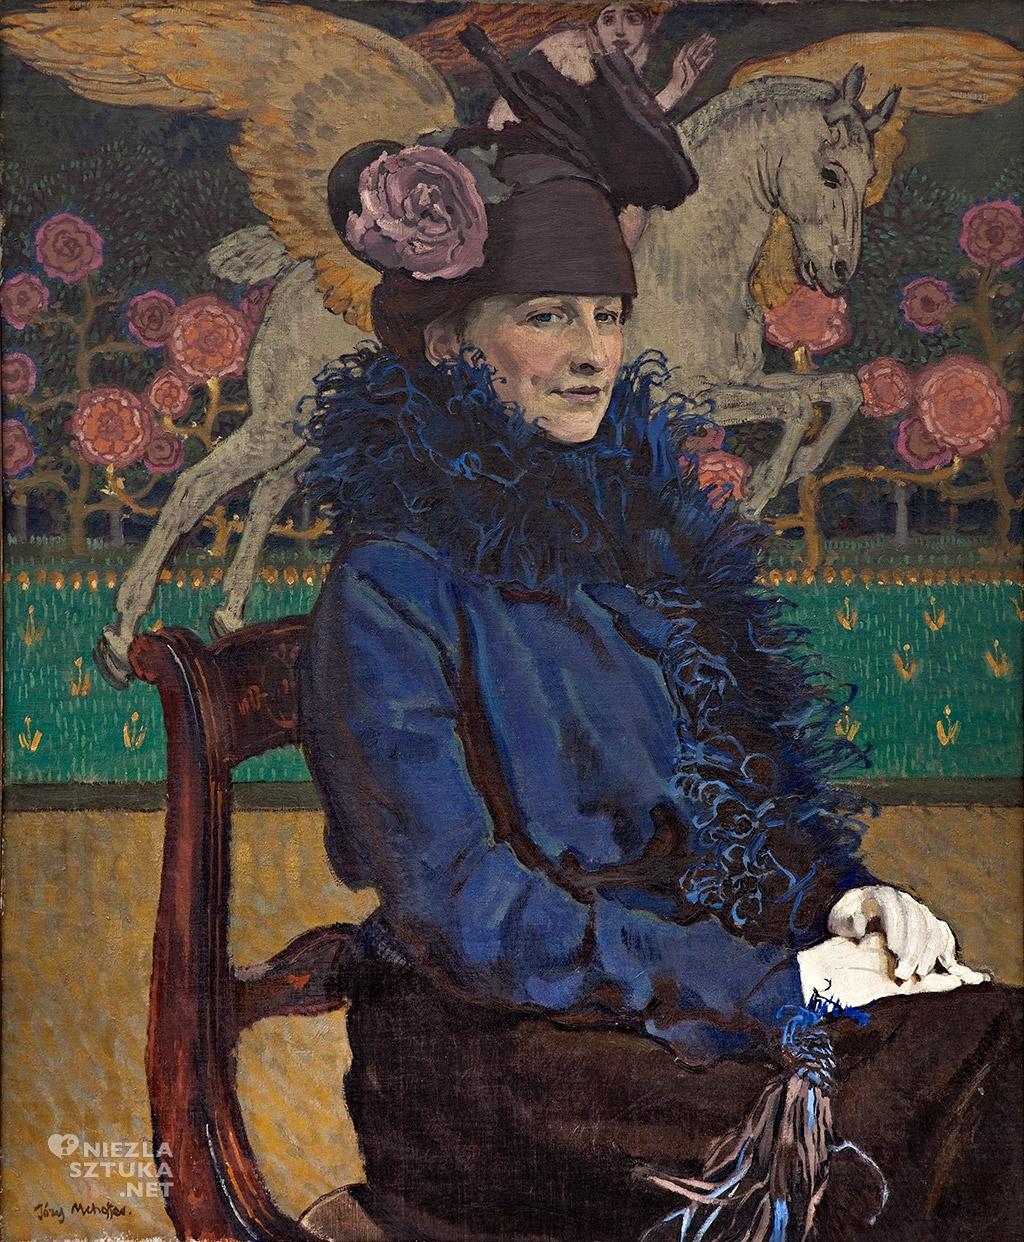 Józef Mehoffer Portret żony artysty z Pegazem  1913, olej na płótnie, 93 × 77 cm, Muzeum Pałac Herbsta (Oddział Muzeum Sztuki w Łodzi)